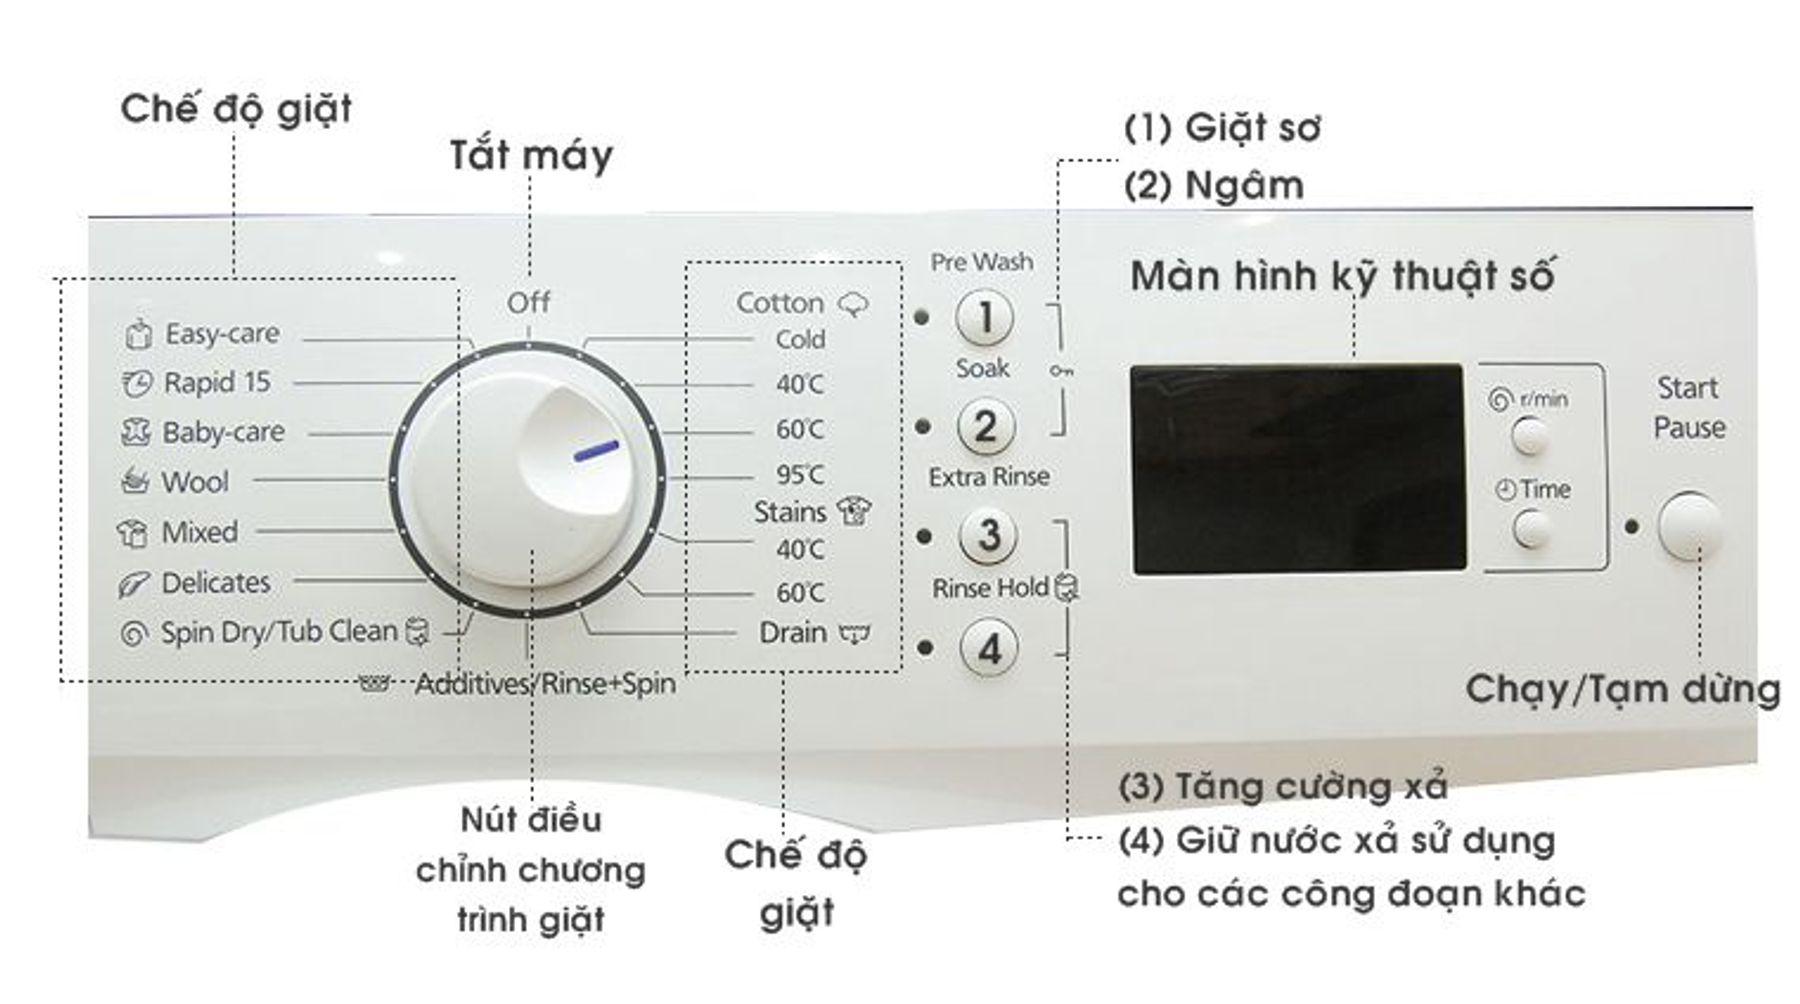 Bảng điều khiển, cách giặt đồ bằng máy giặt Panasonic